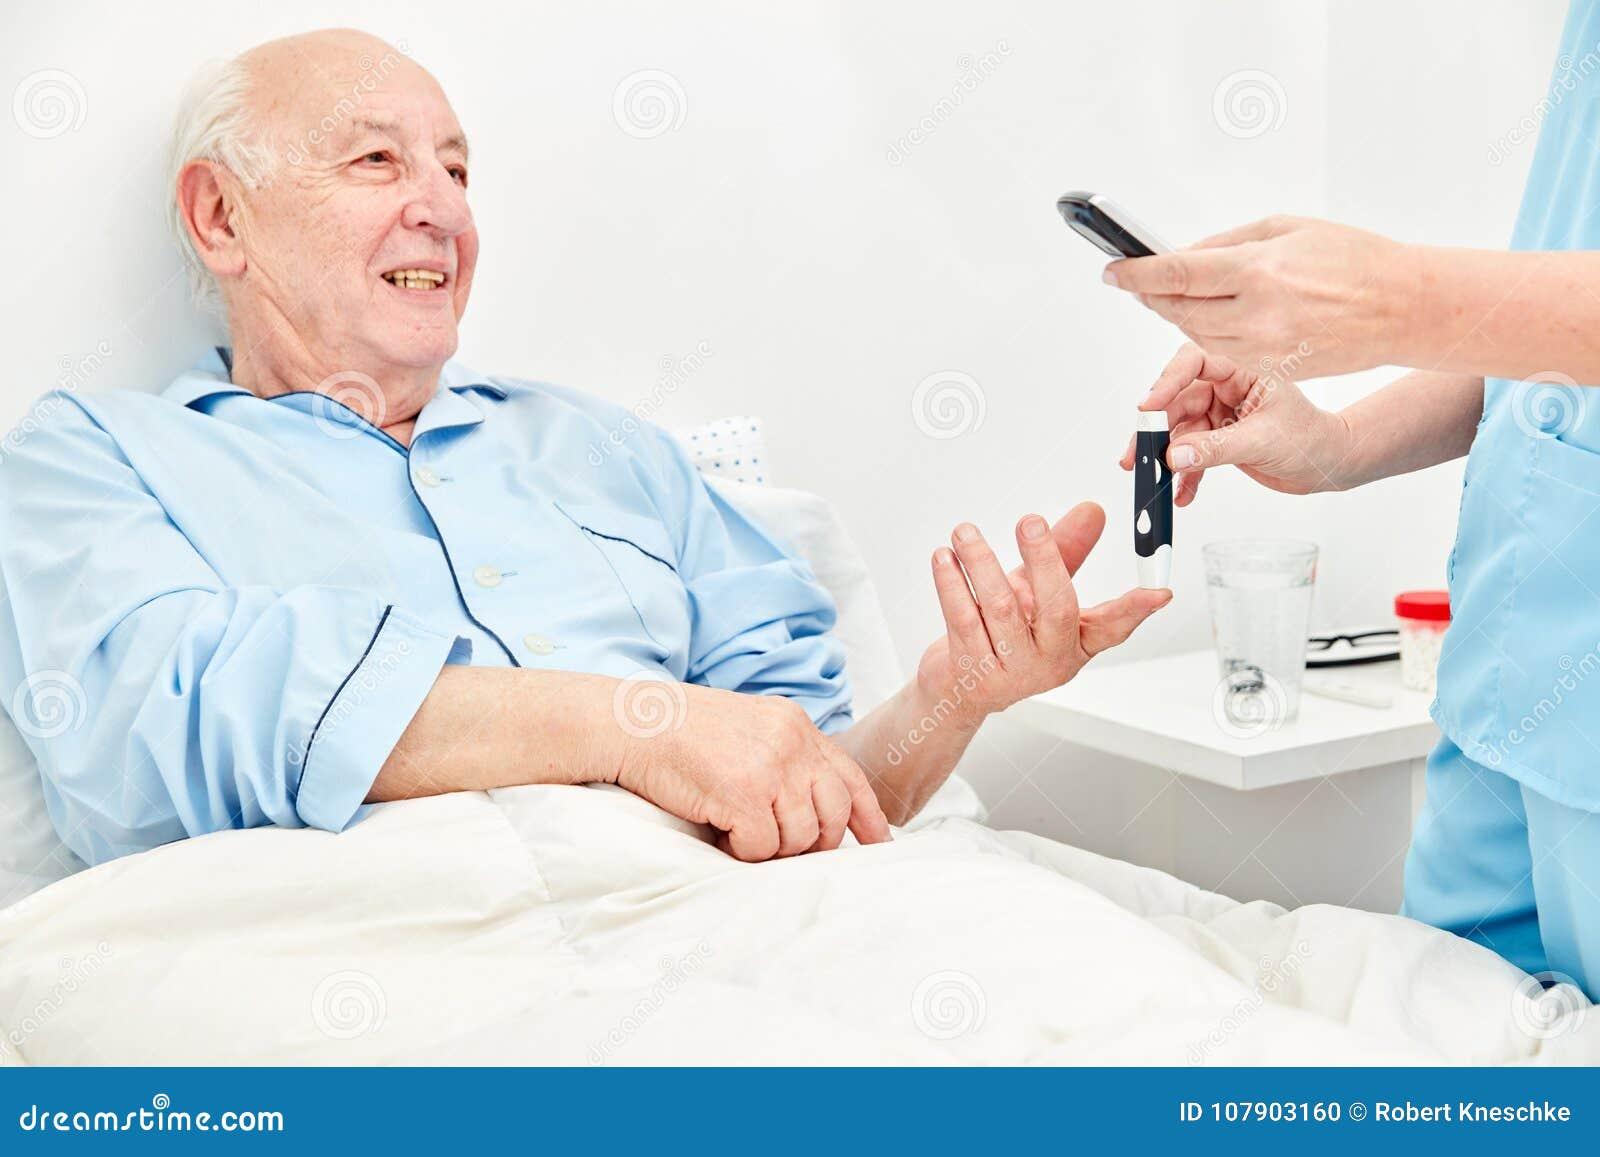 Medida de la glucosa en sangre en pacientes con diabetes